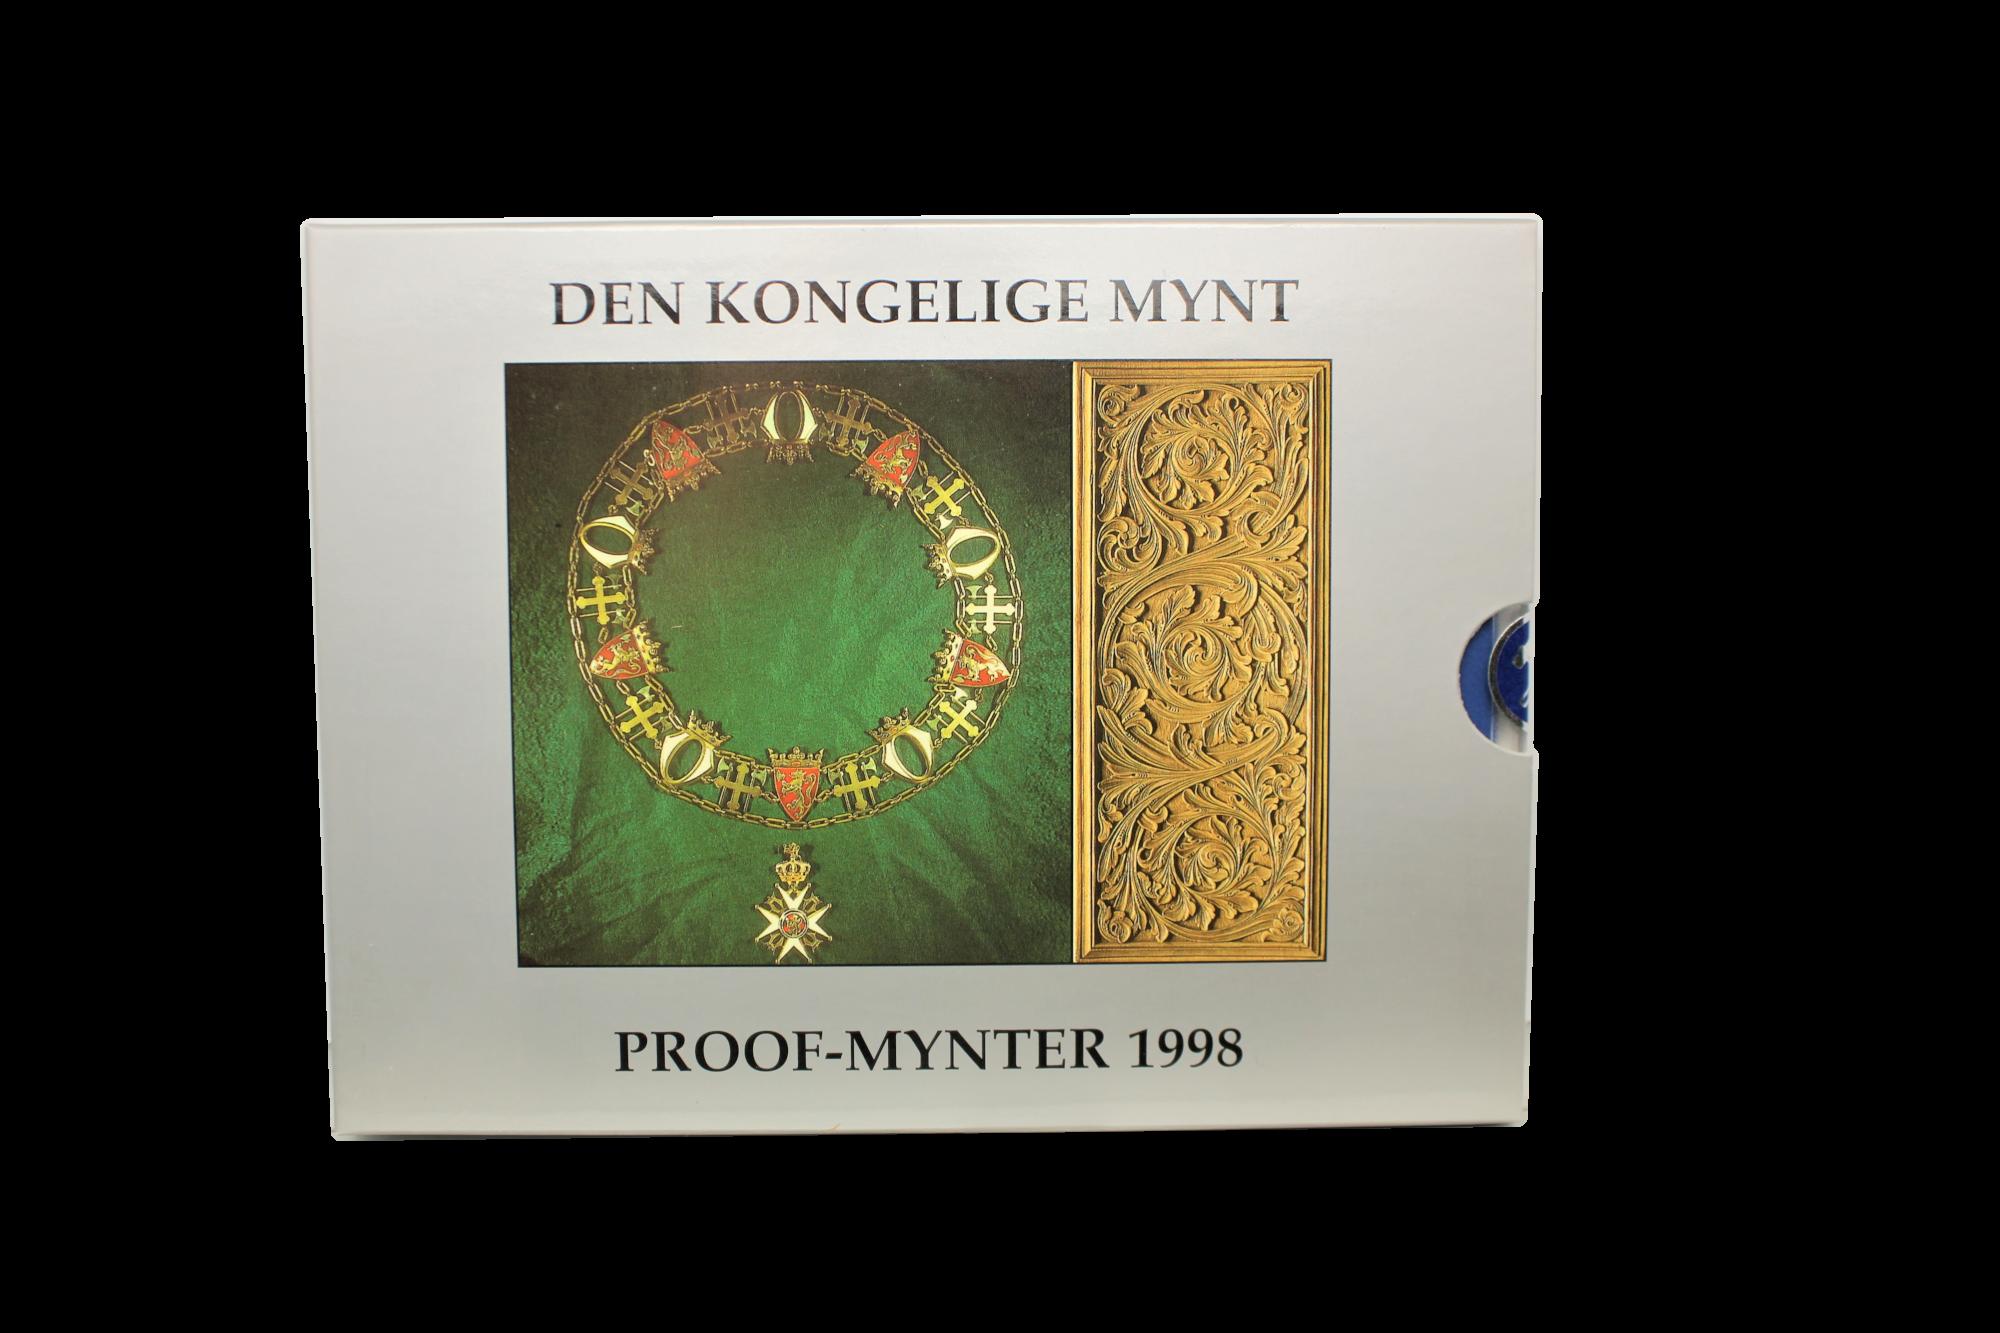 Proofsett 1998 forside innpakning